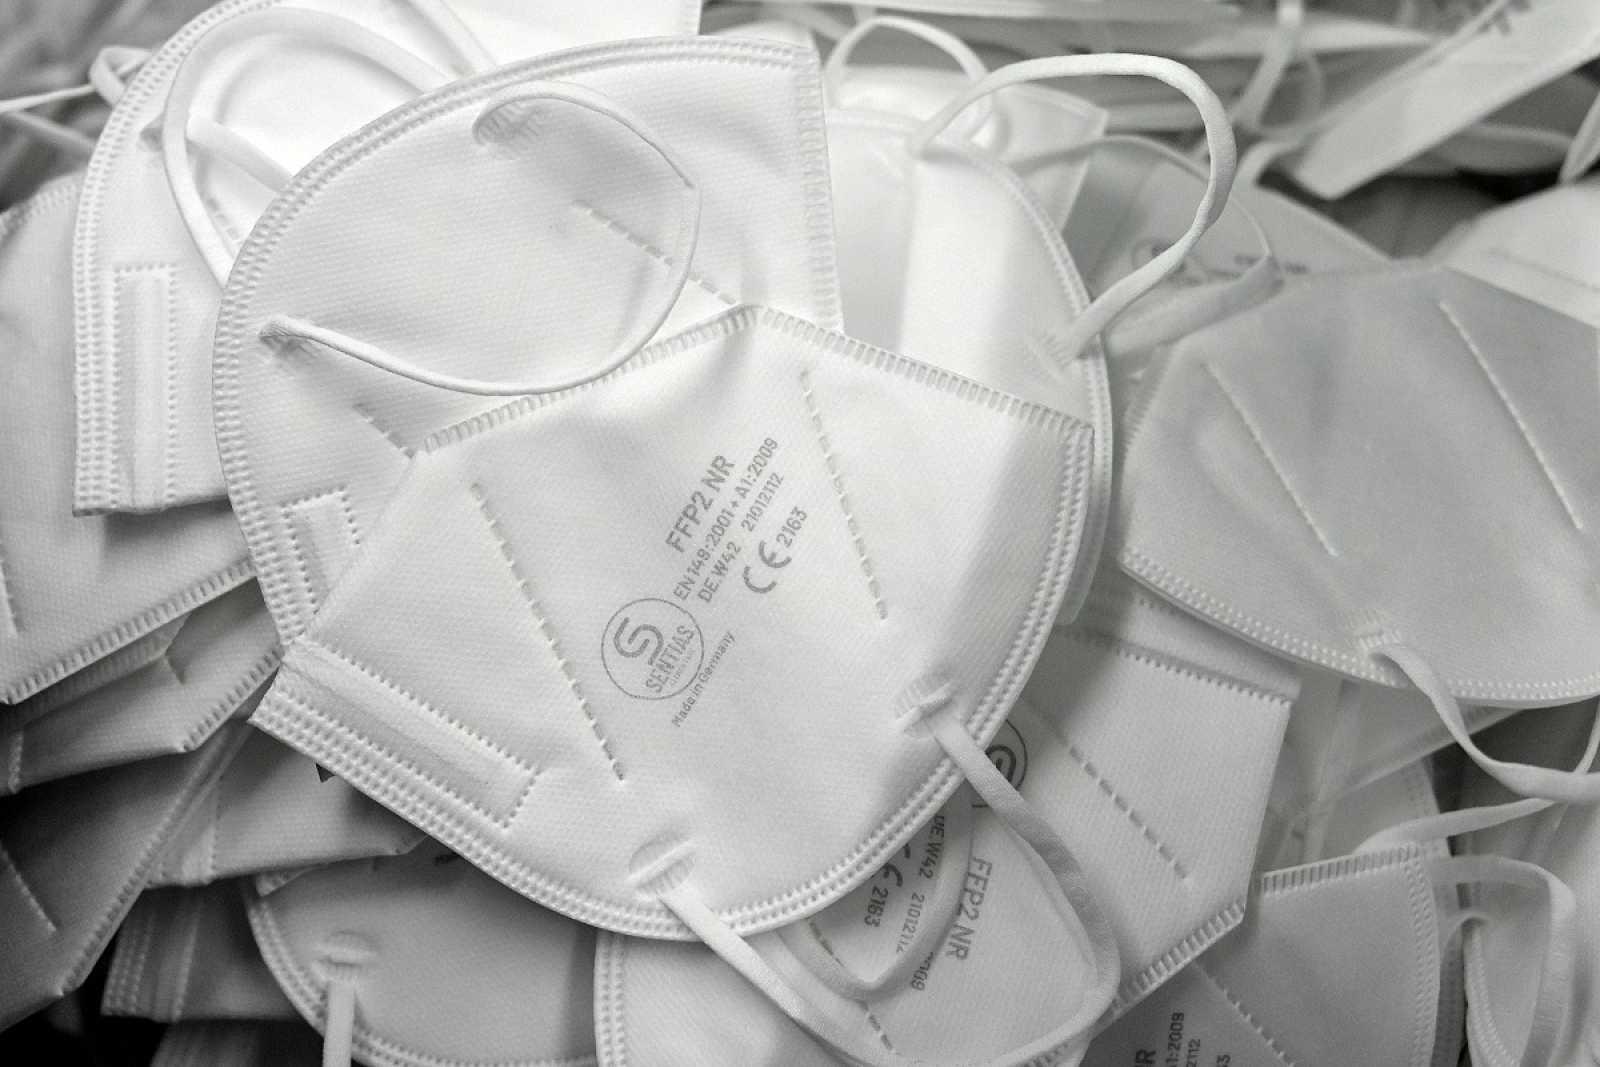 Francia y Alemania exigen mascarillas FFP2 o quirúrgicas en trasnsporte público y comercios